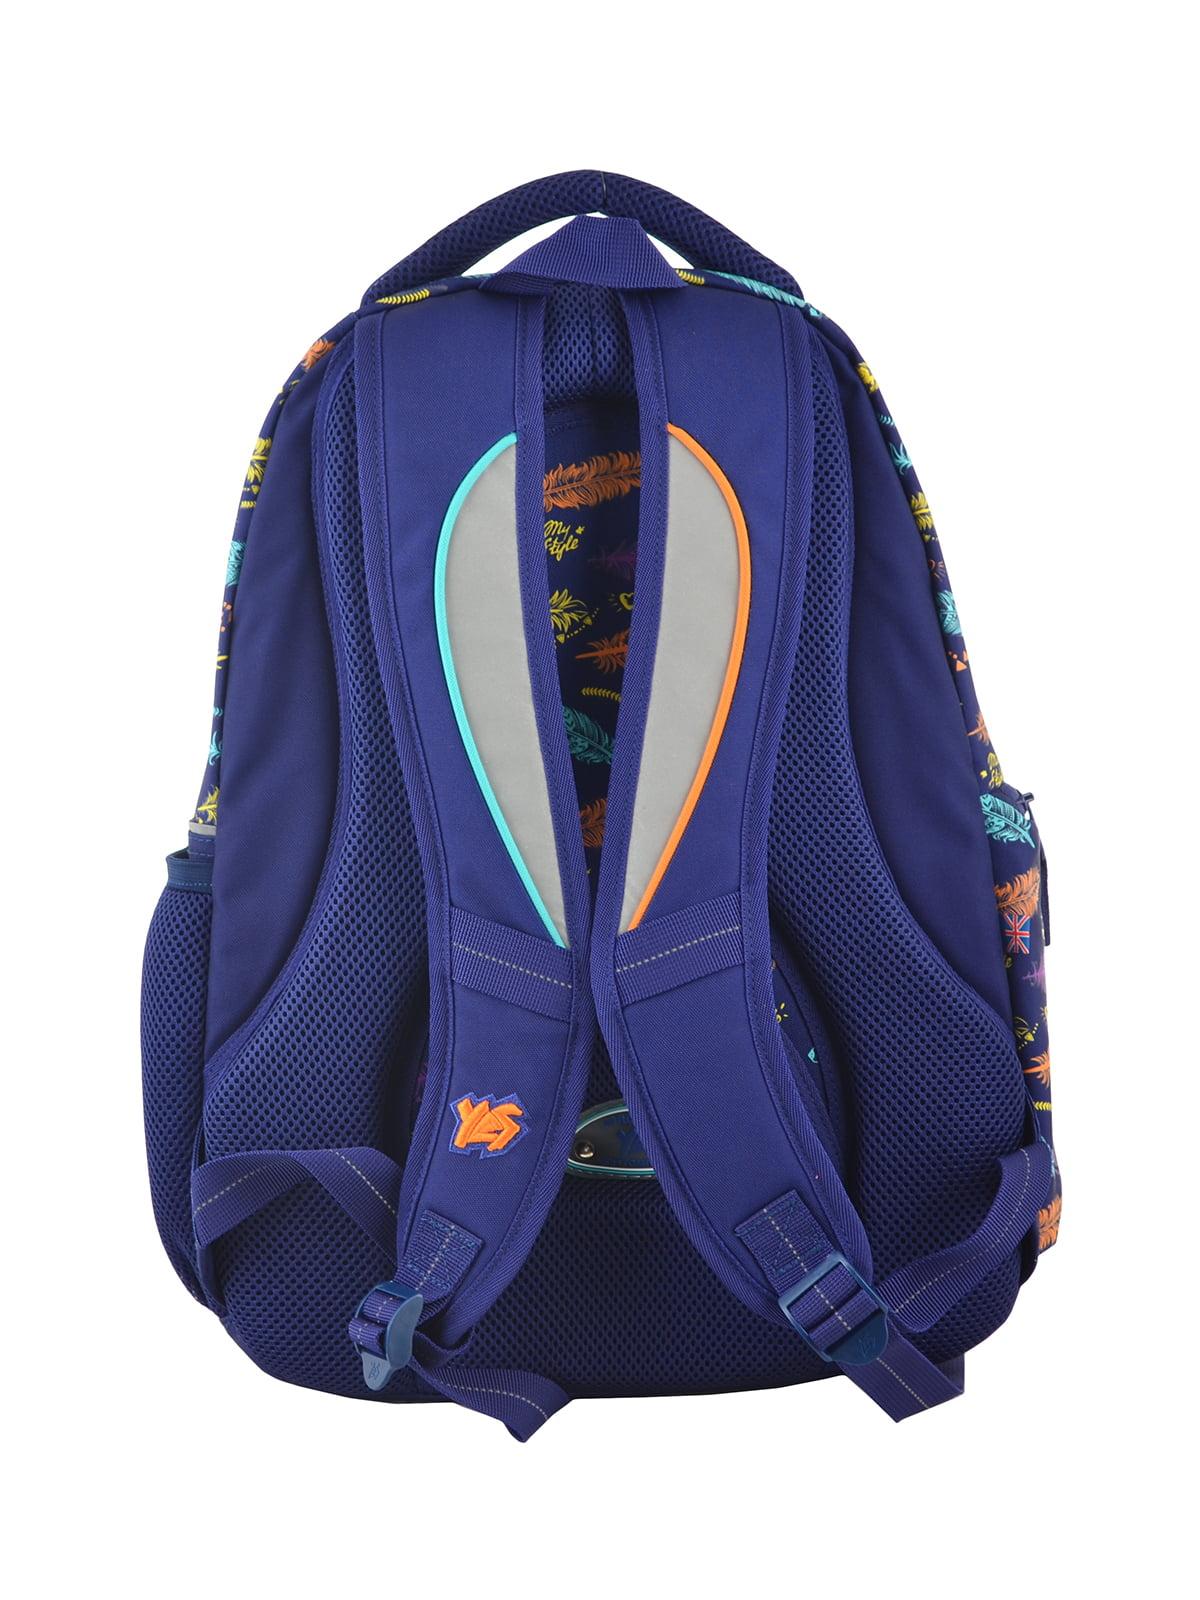 Рюкзак синій в принт | 4214931 | фото 4